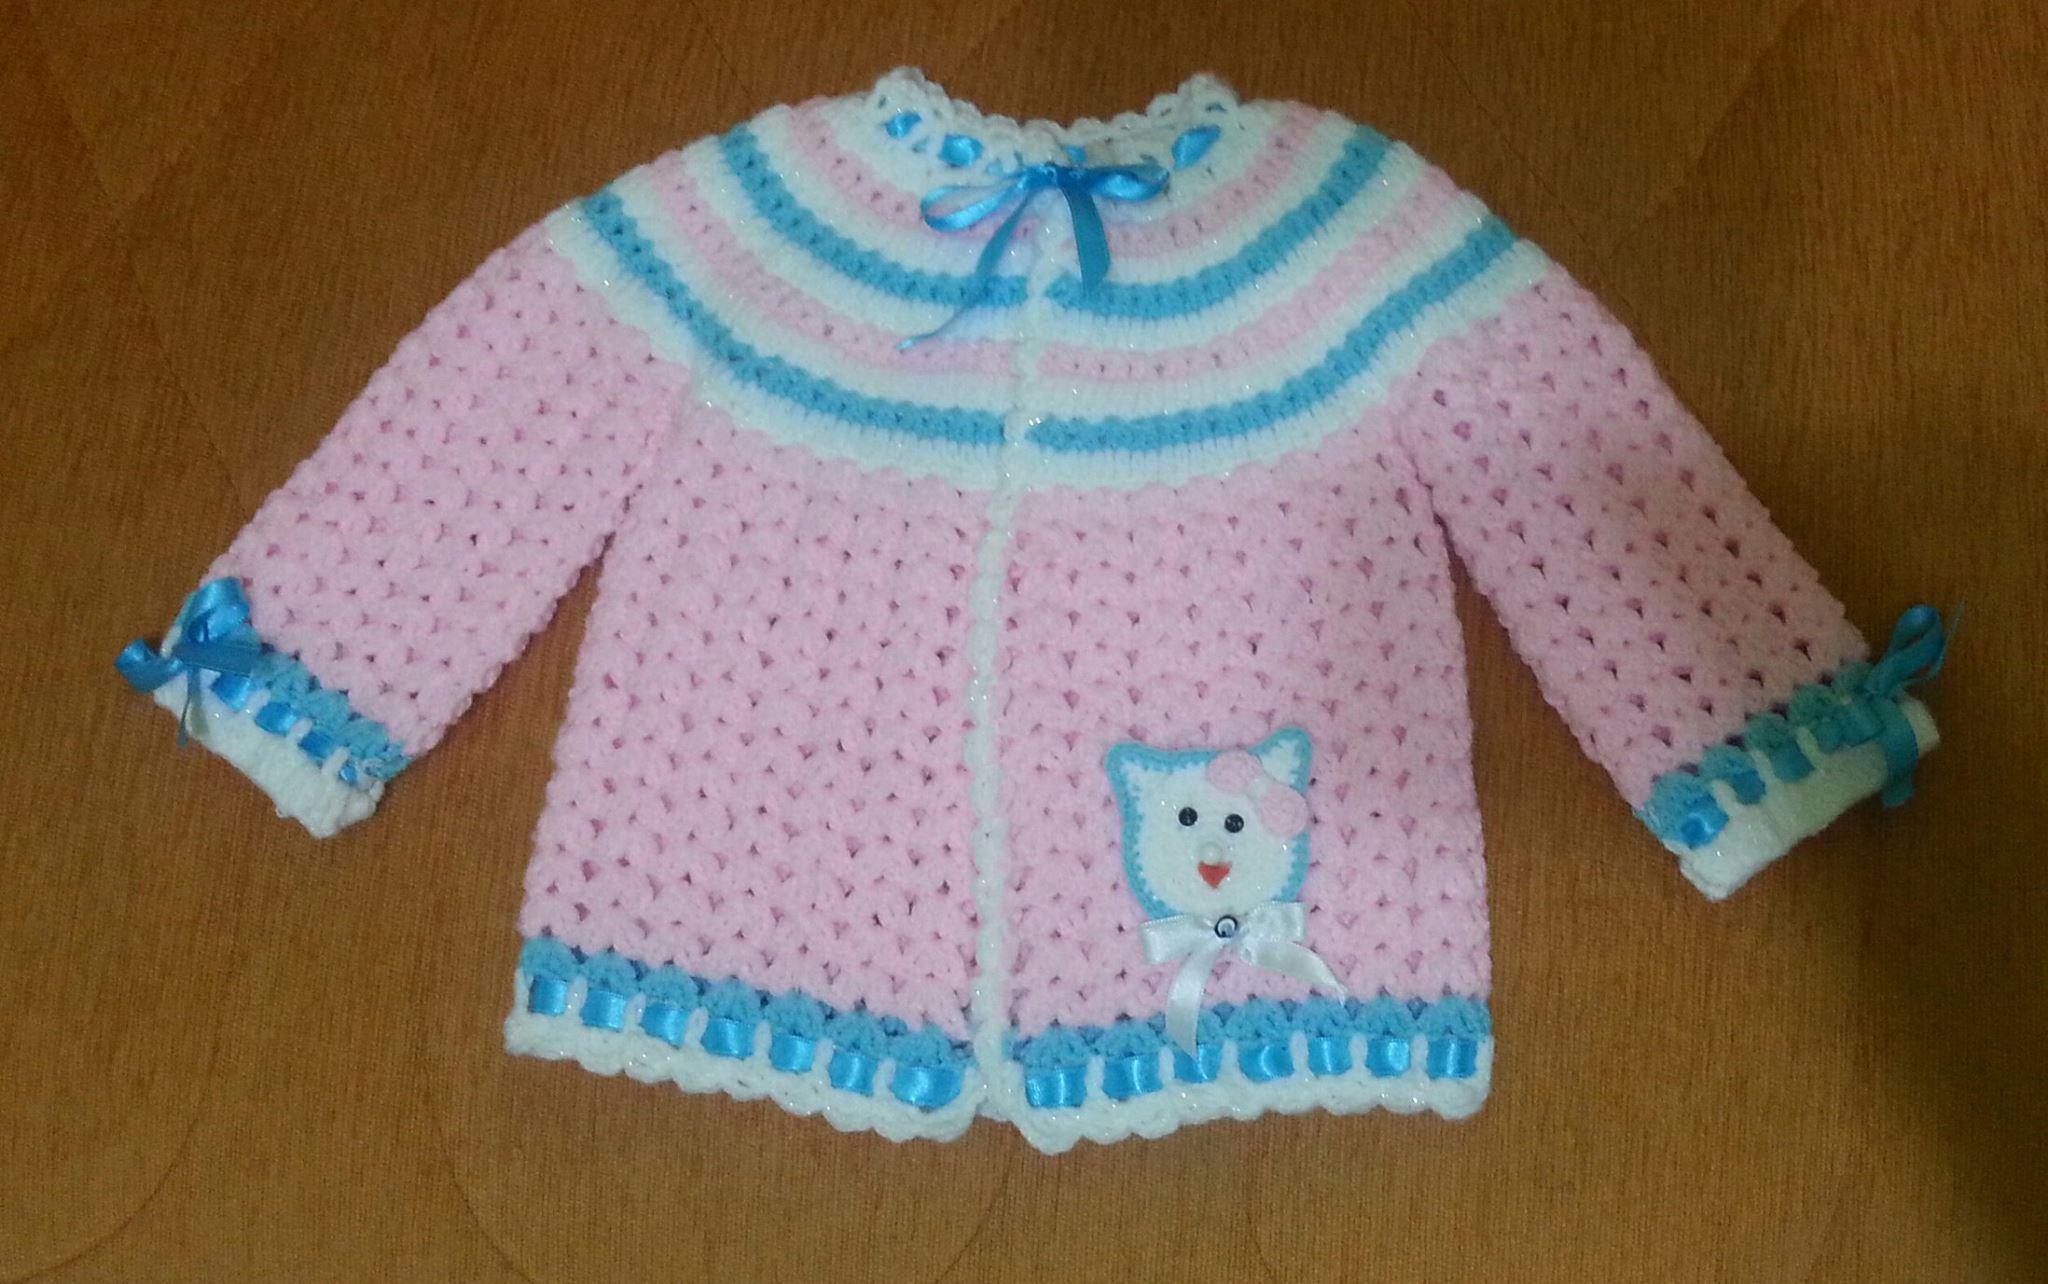 Bebek Yelekleri Canim Anne Bebek Yelek Kiz Bebek Kiyafetleri Kiz Elbiseleri